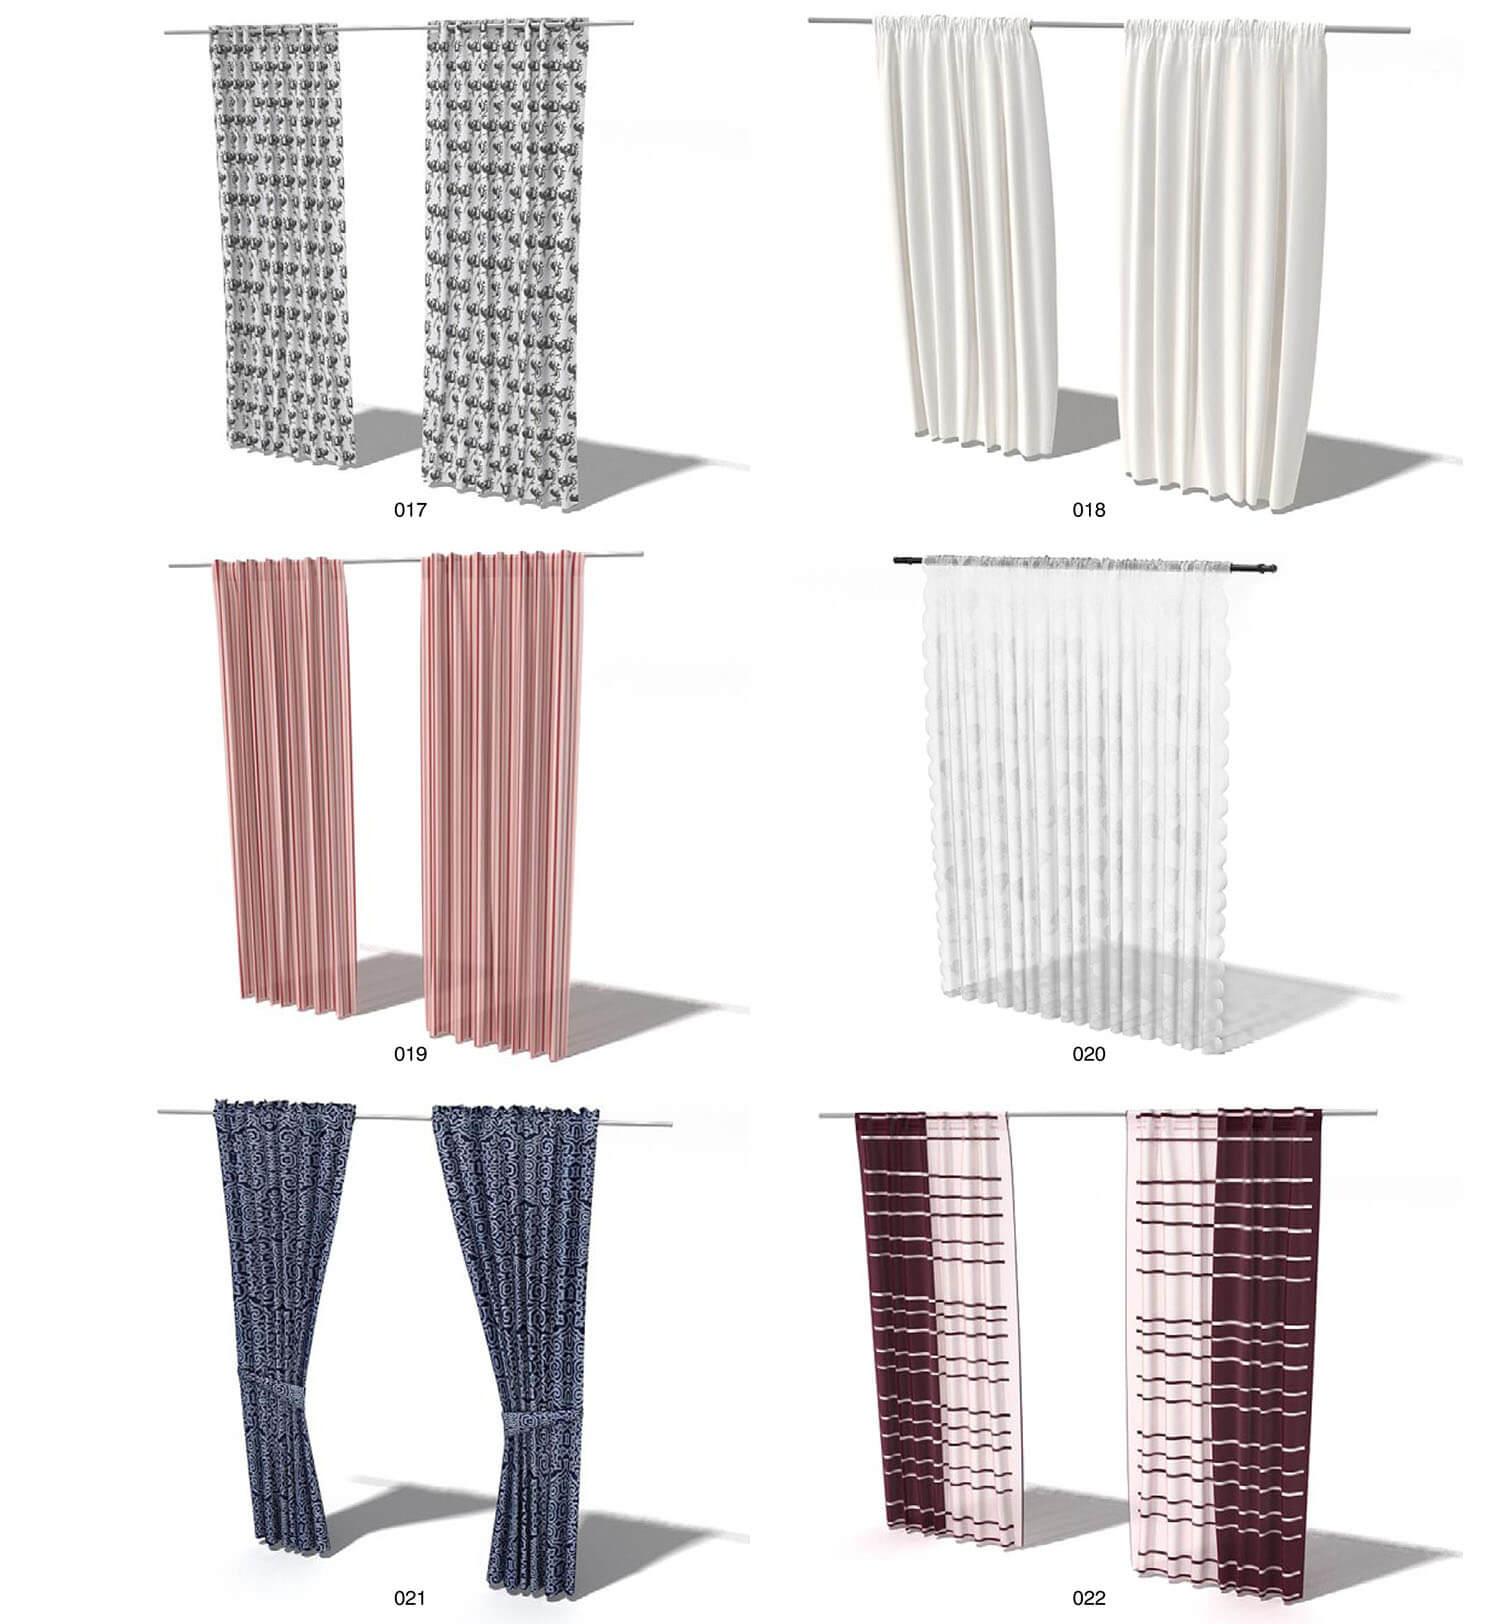 Các loại rèm vải màu sắc đơn giản được bù lại bởi kiểu dáng diêm dúa